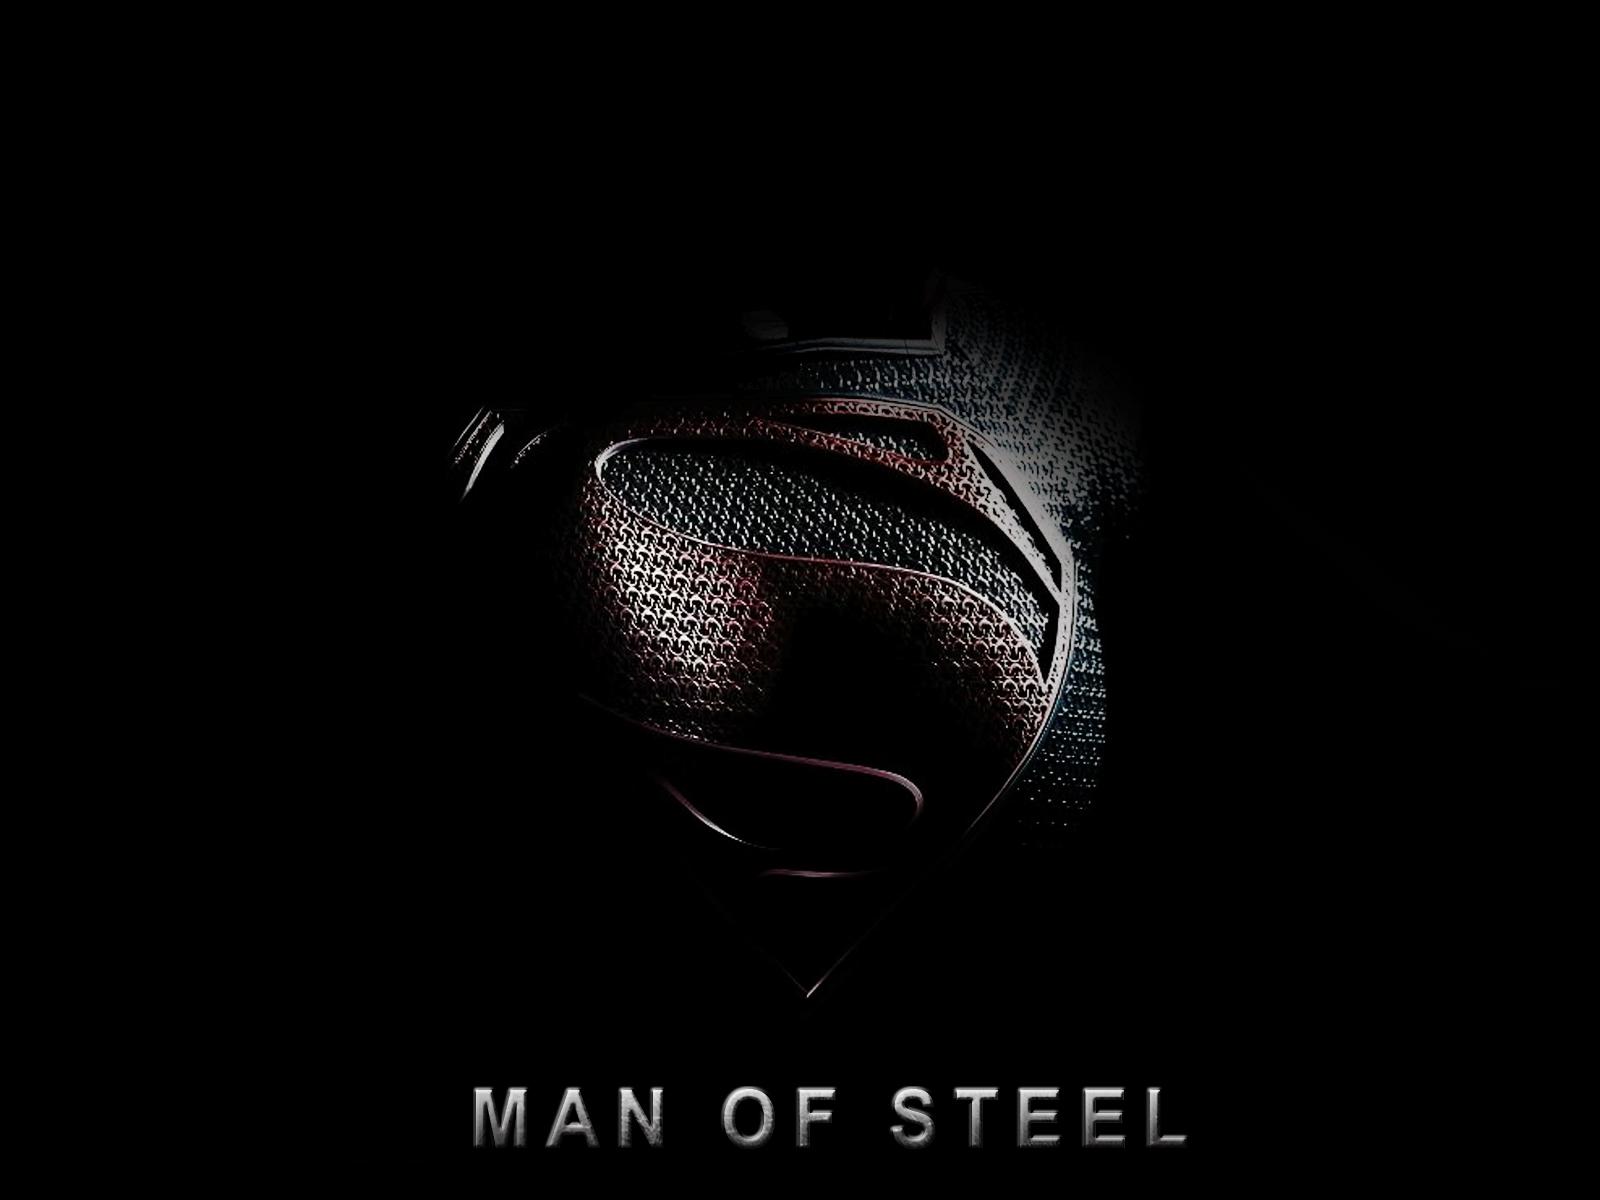 man of steel logo wallpaper hd